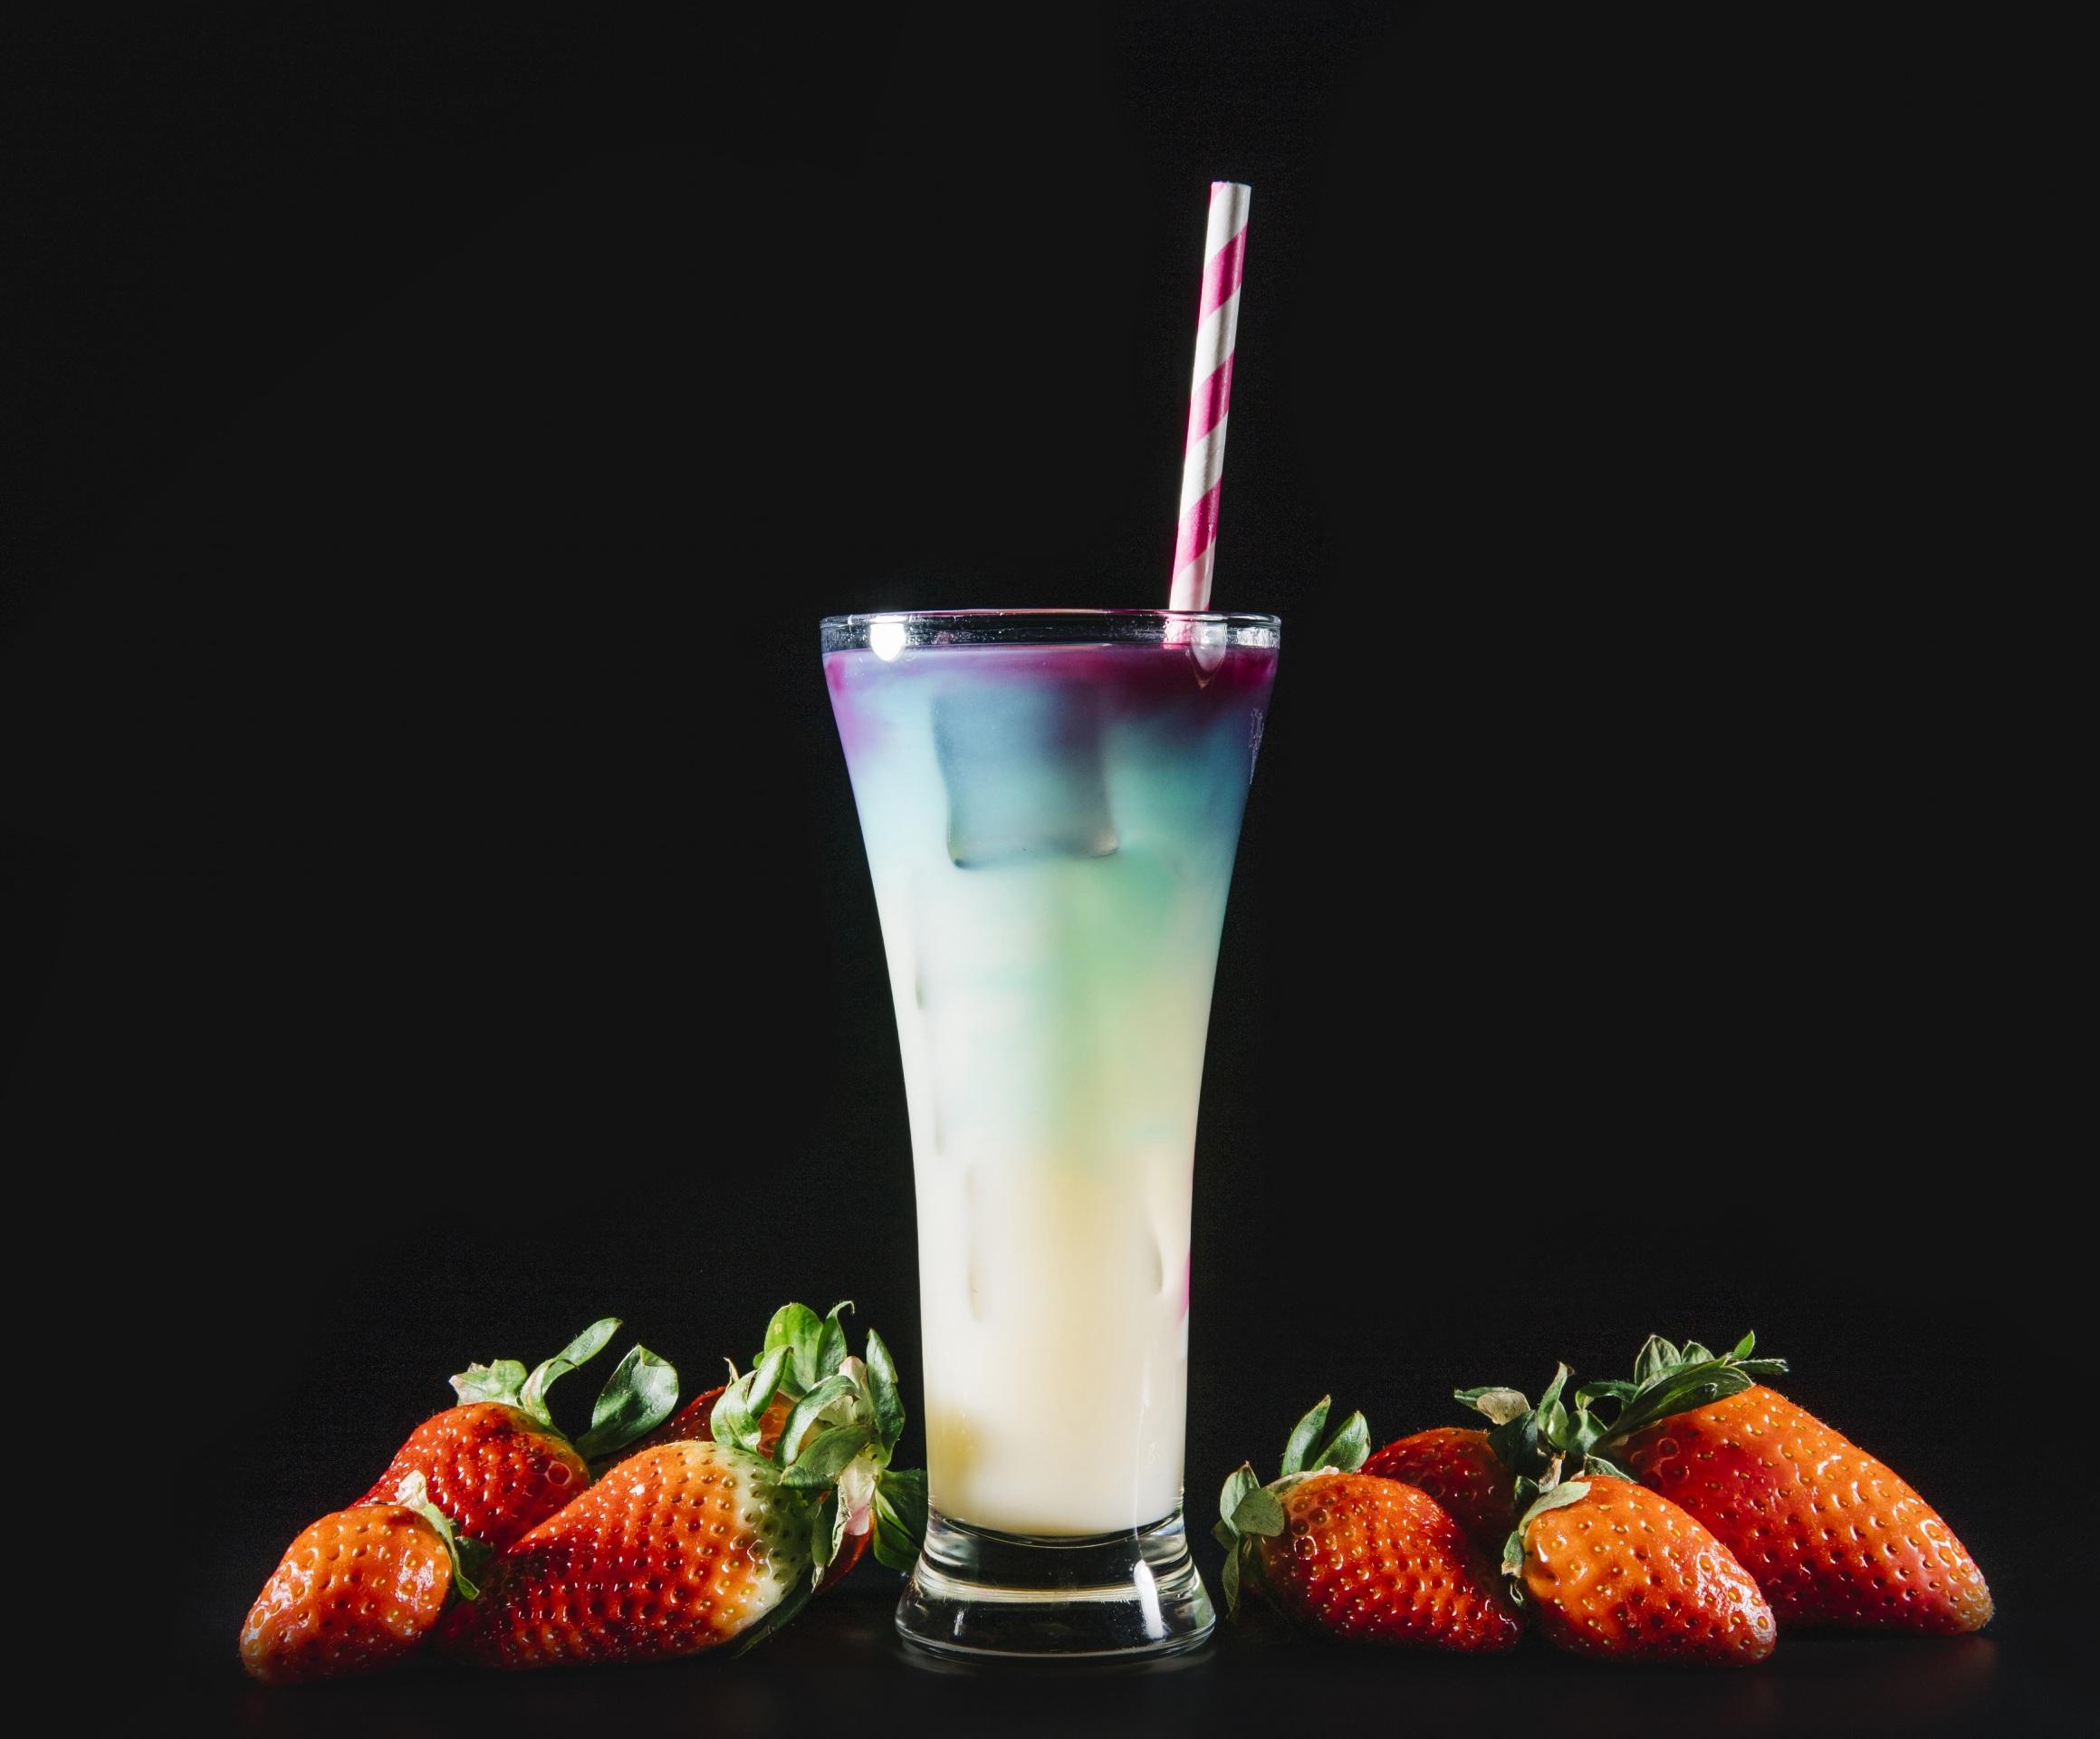 Картинки Стакан Клубника Пища Коктейль Черный фон 2319x1920 стакана стакане Еда Продукты питания на черном фоне